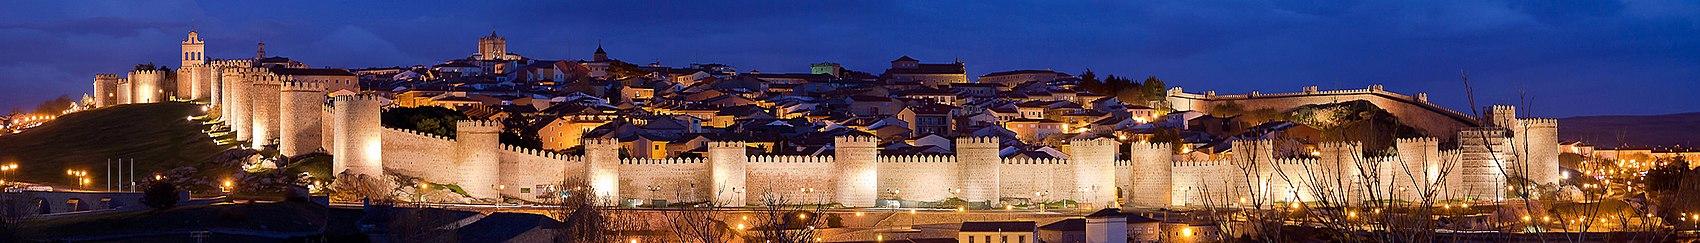 Locapedias de Ávila